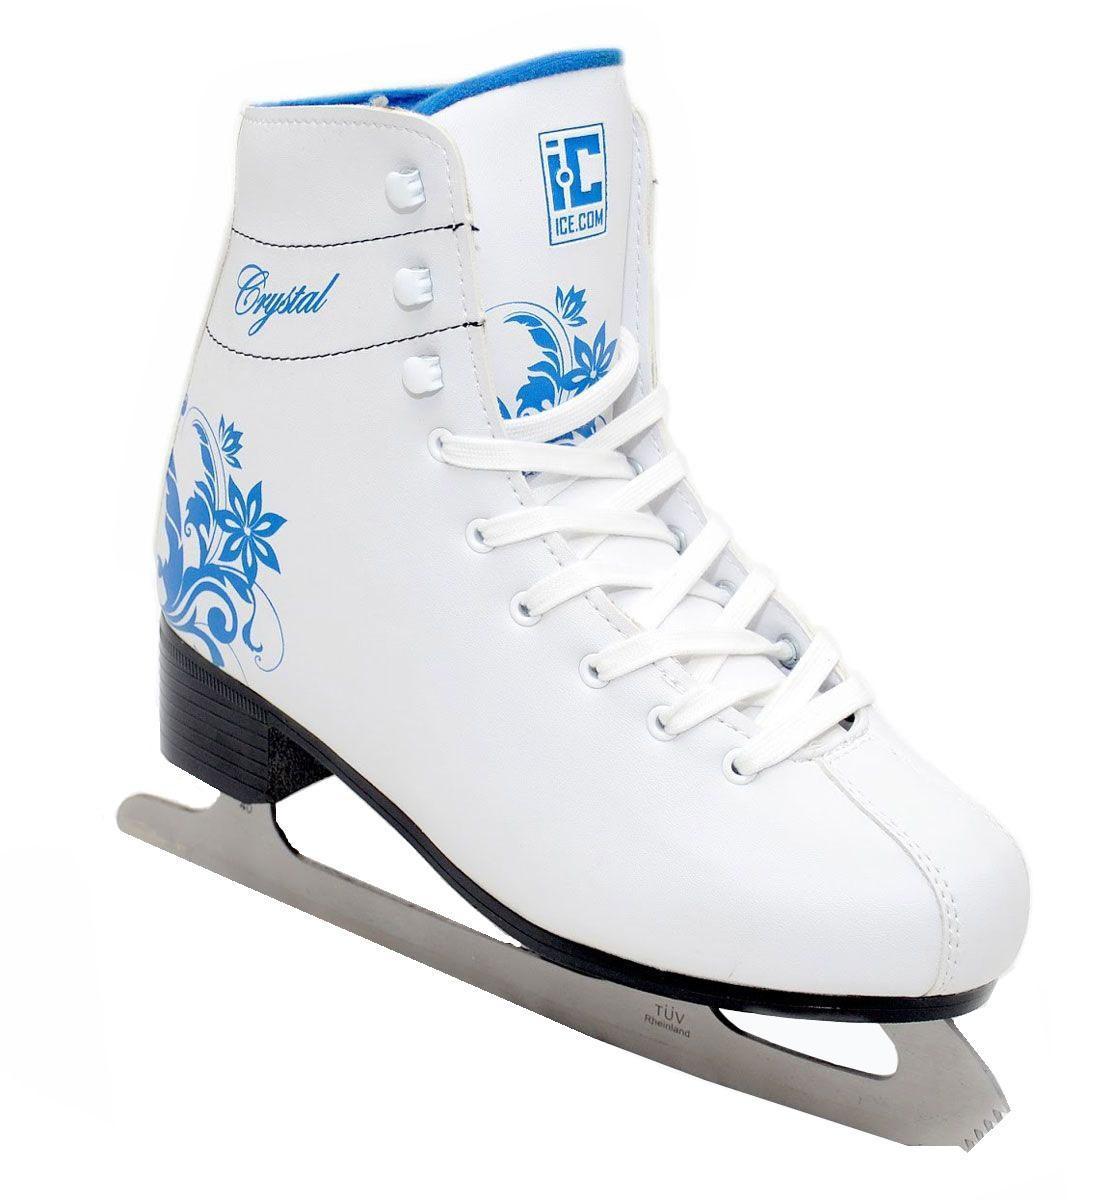 Коньки фигурные женские Ice.Com Crystal 2014-2015, цвет: синий, белый. Размер 42PW-221Коньки фигурные женские Ice.Com Crystal 2014-2015 с высоким классическим ботинком идеально подойдут для начинающих. Конструкция ботинка разработана специально с учетом того, что нога при катании должна находиться в полусогнутом состоянии, а голень имеет небольшой наклон вперед. Верх ботинка выполнен из морозостойкой искусственной кожи, подошва - морозостойкий ПВХ. Стальное никелированное высокопрочное лезвие сертифицировано TUV. Для того, чтобы вам максимально точно подобрать размер коньков, узнайте длину стопы с точностью до миллиметра. Для этого поставьте босую ногу на лист бумаги А4 и отметьте на бумаге самые крайние точки вашей стопы (пятка и носок). Затем измерьте обычной линейкой расстояние (до миллиметра) между этими отметками на бумаге. Не забудьте учесть 2-3 мм запаса под носок.